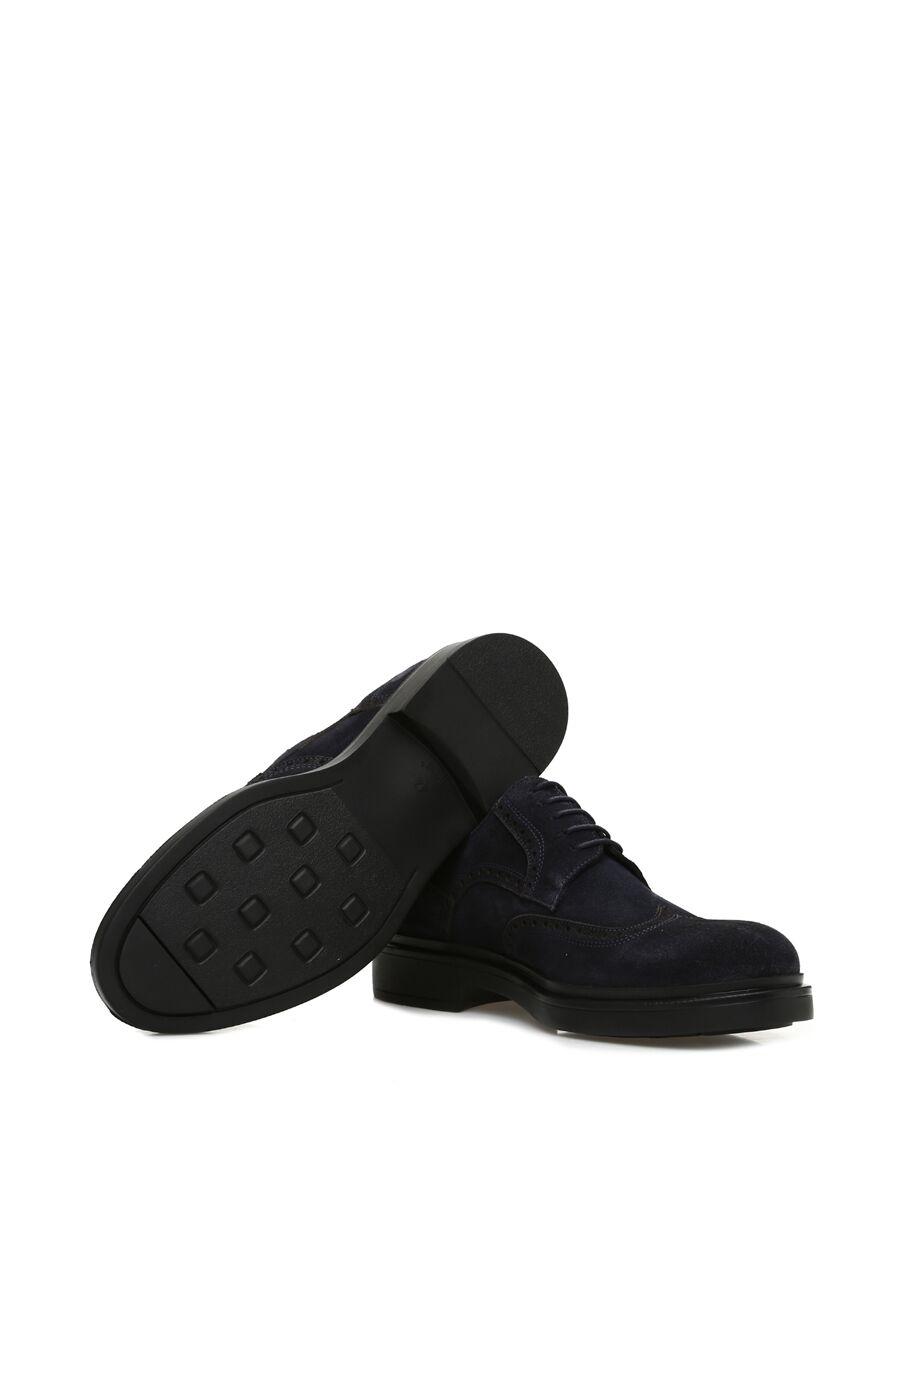 Zımbalı Lacivert Süet Erkek Ayakkabı